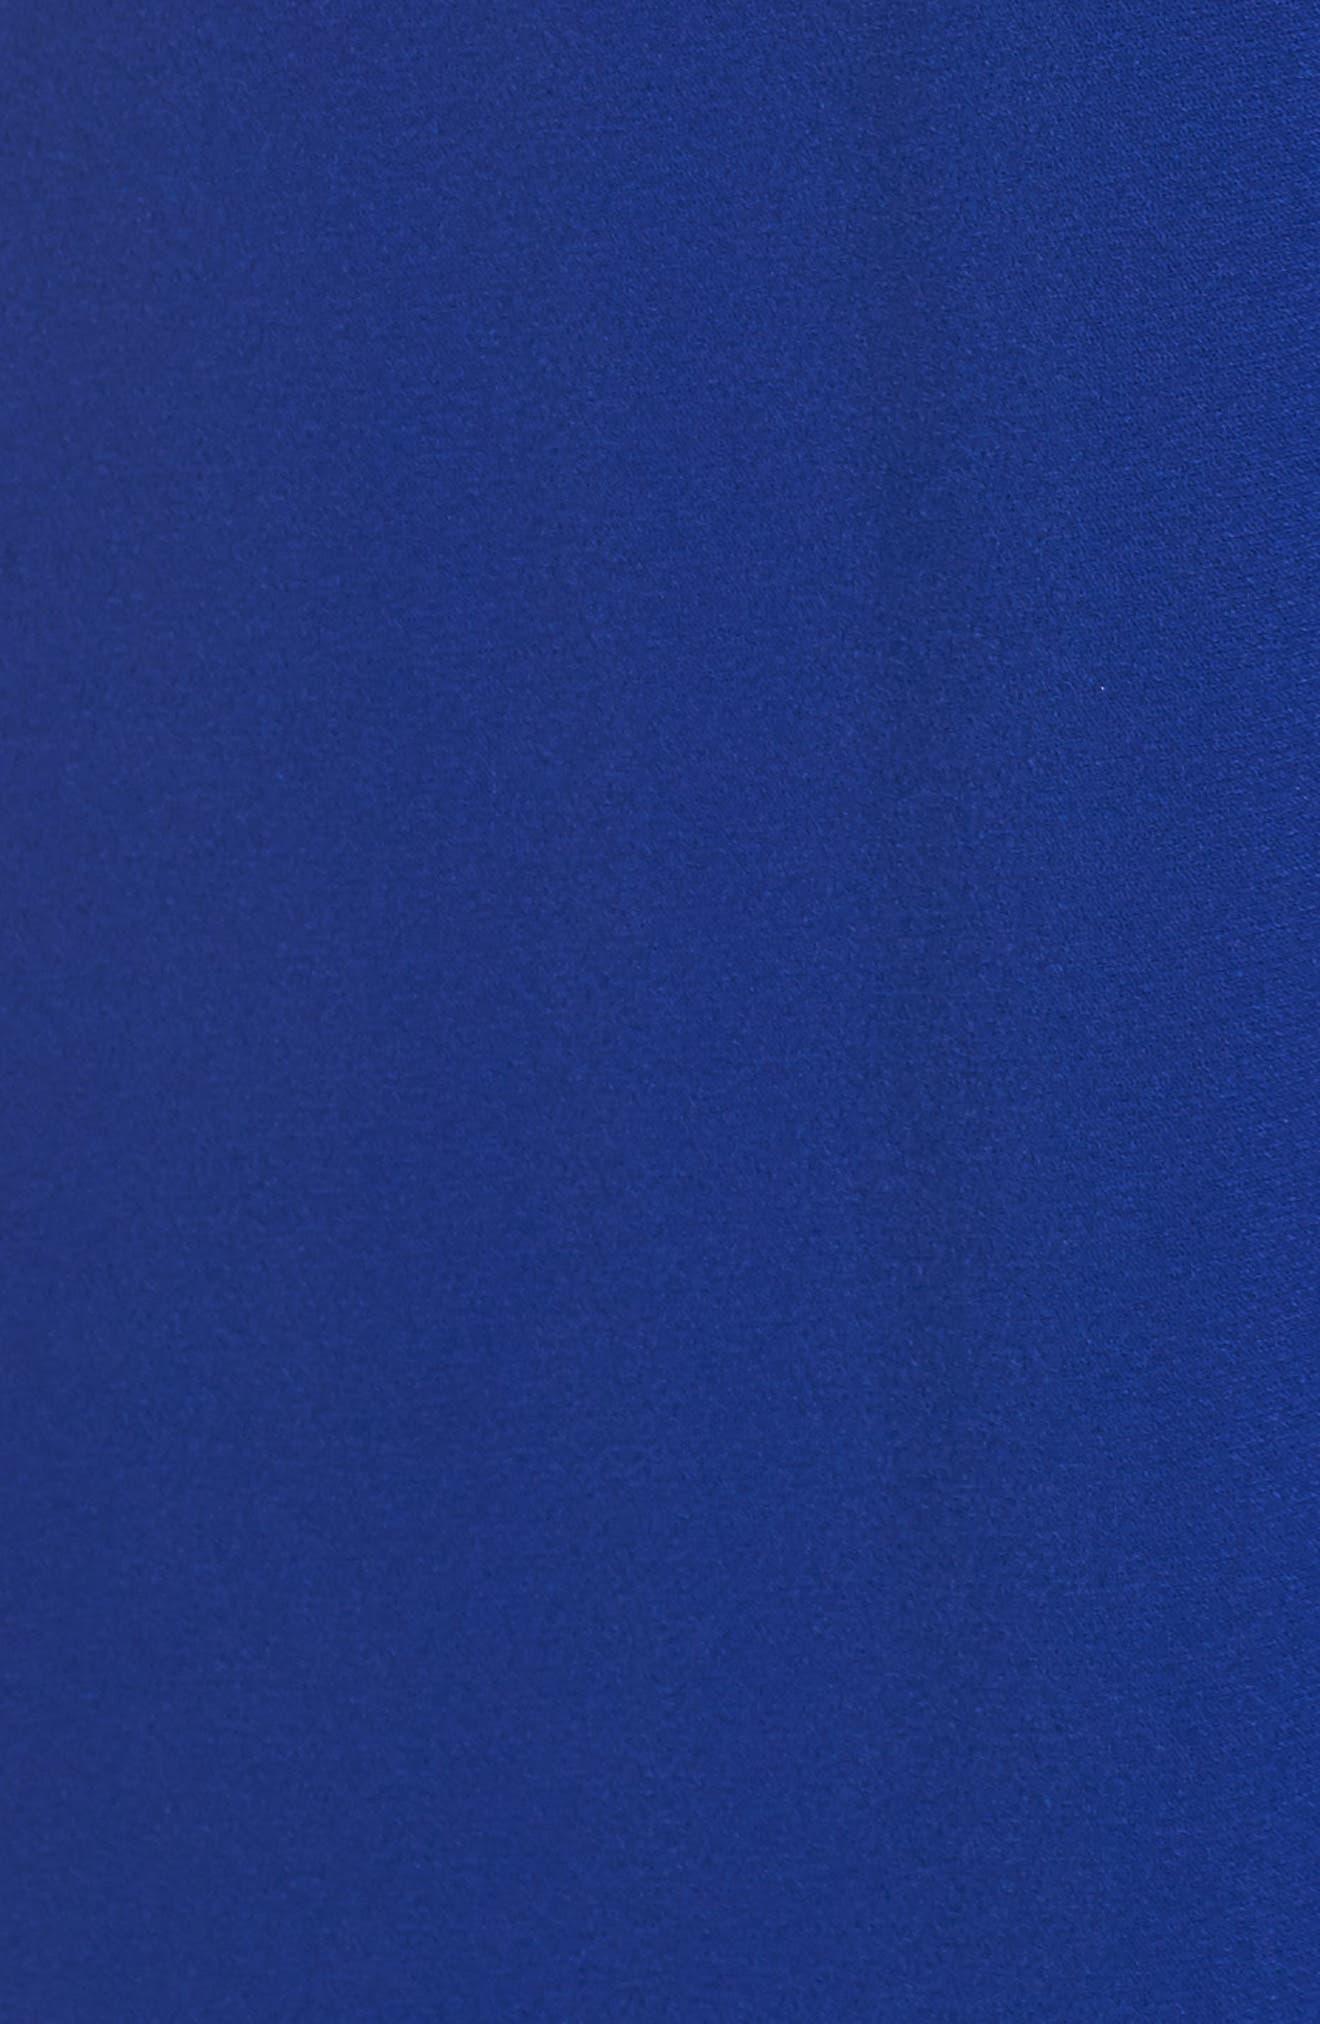 Cutout Crepe Gown,                             Alternate thumbnail 5, color,                             471